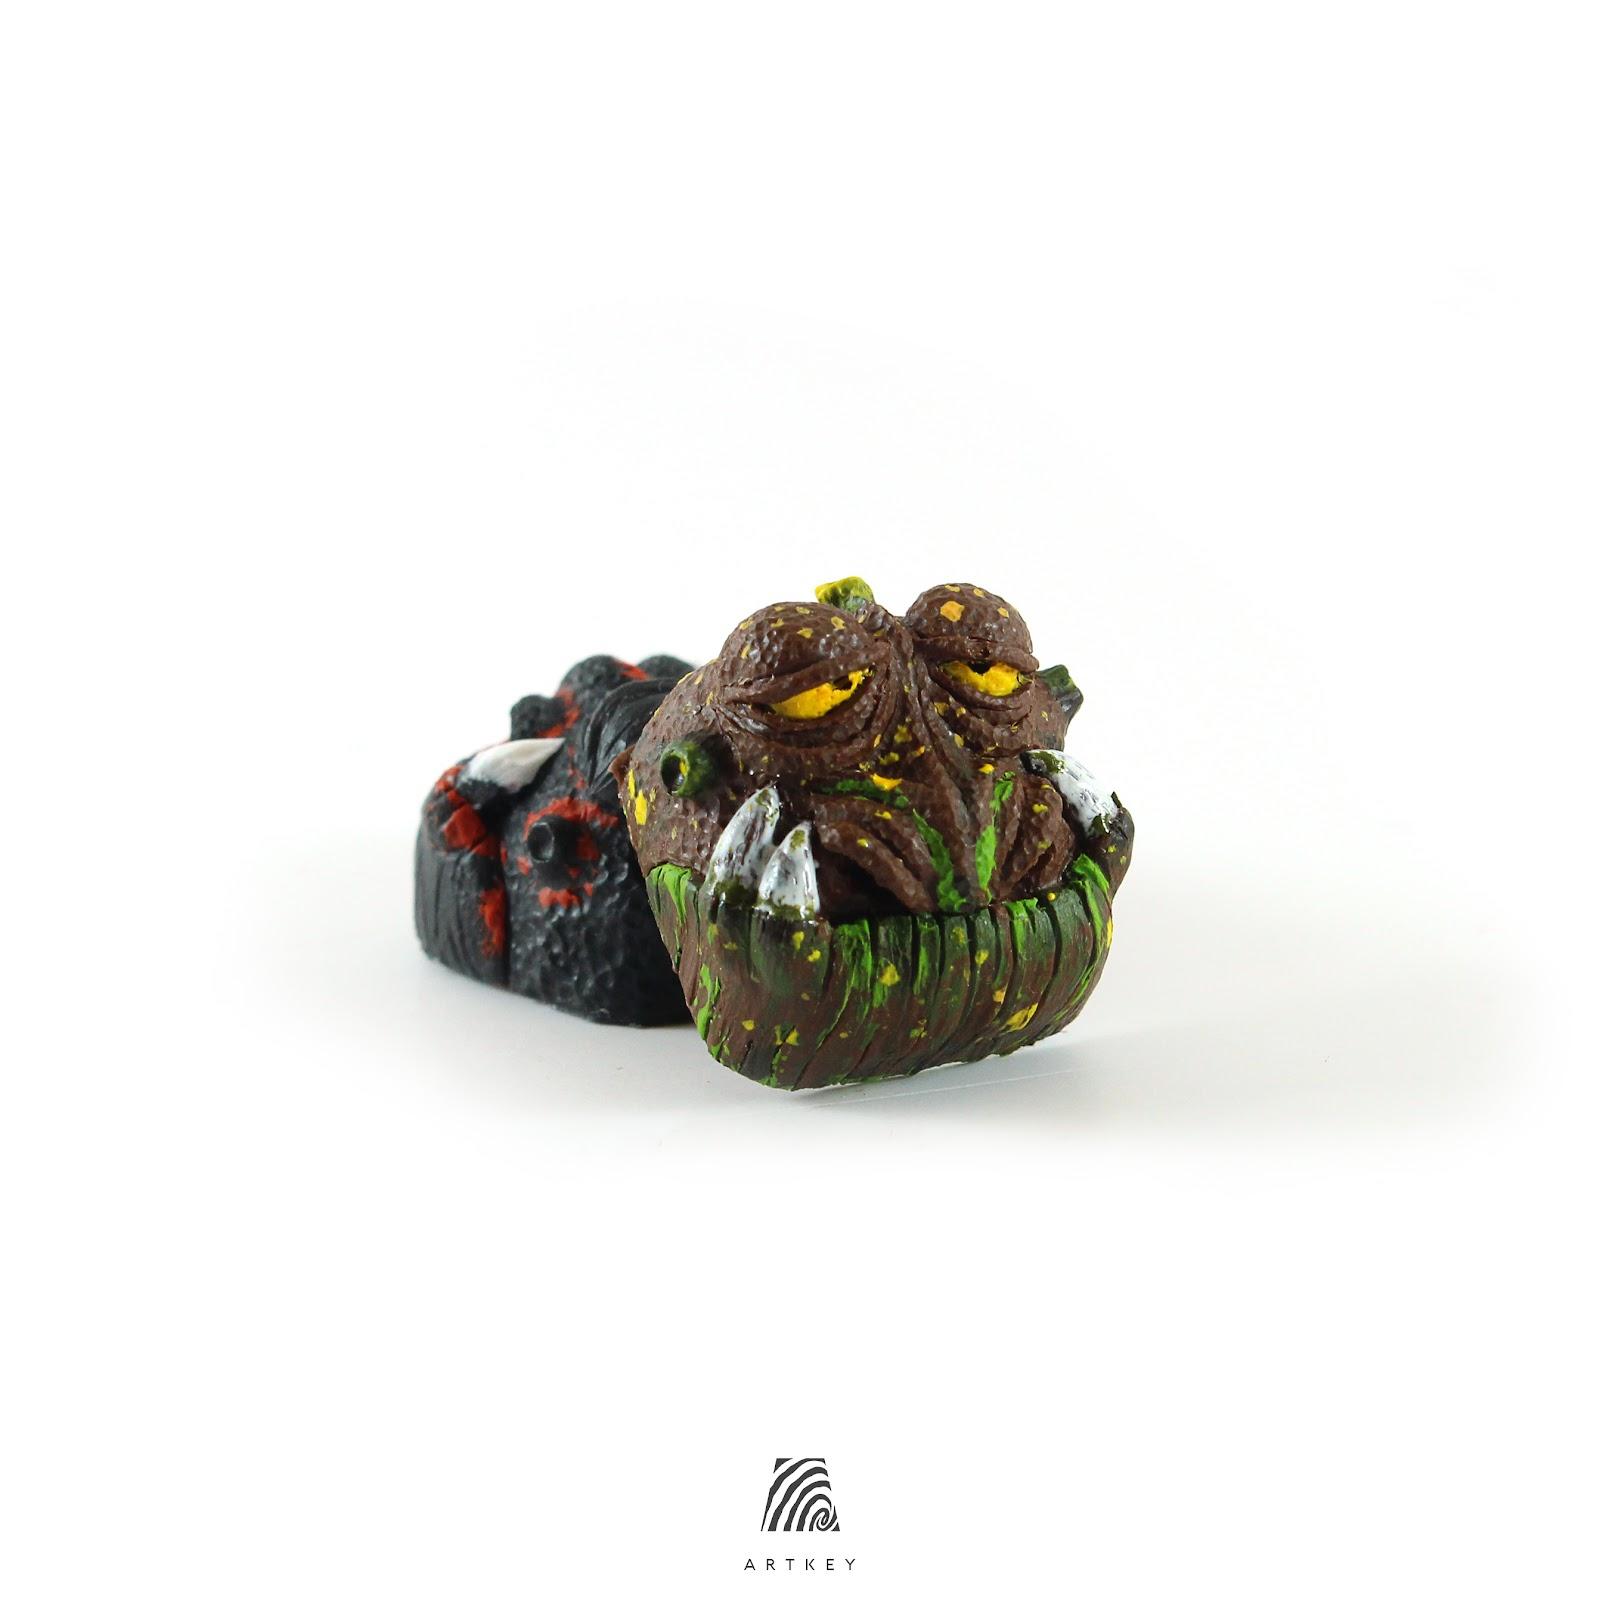 Artkey - Forest Euphik